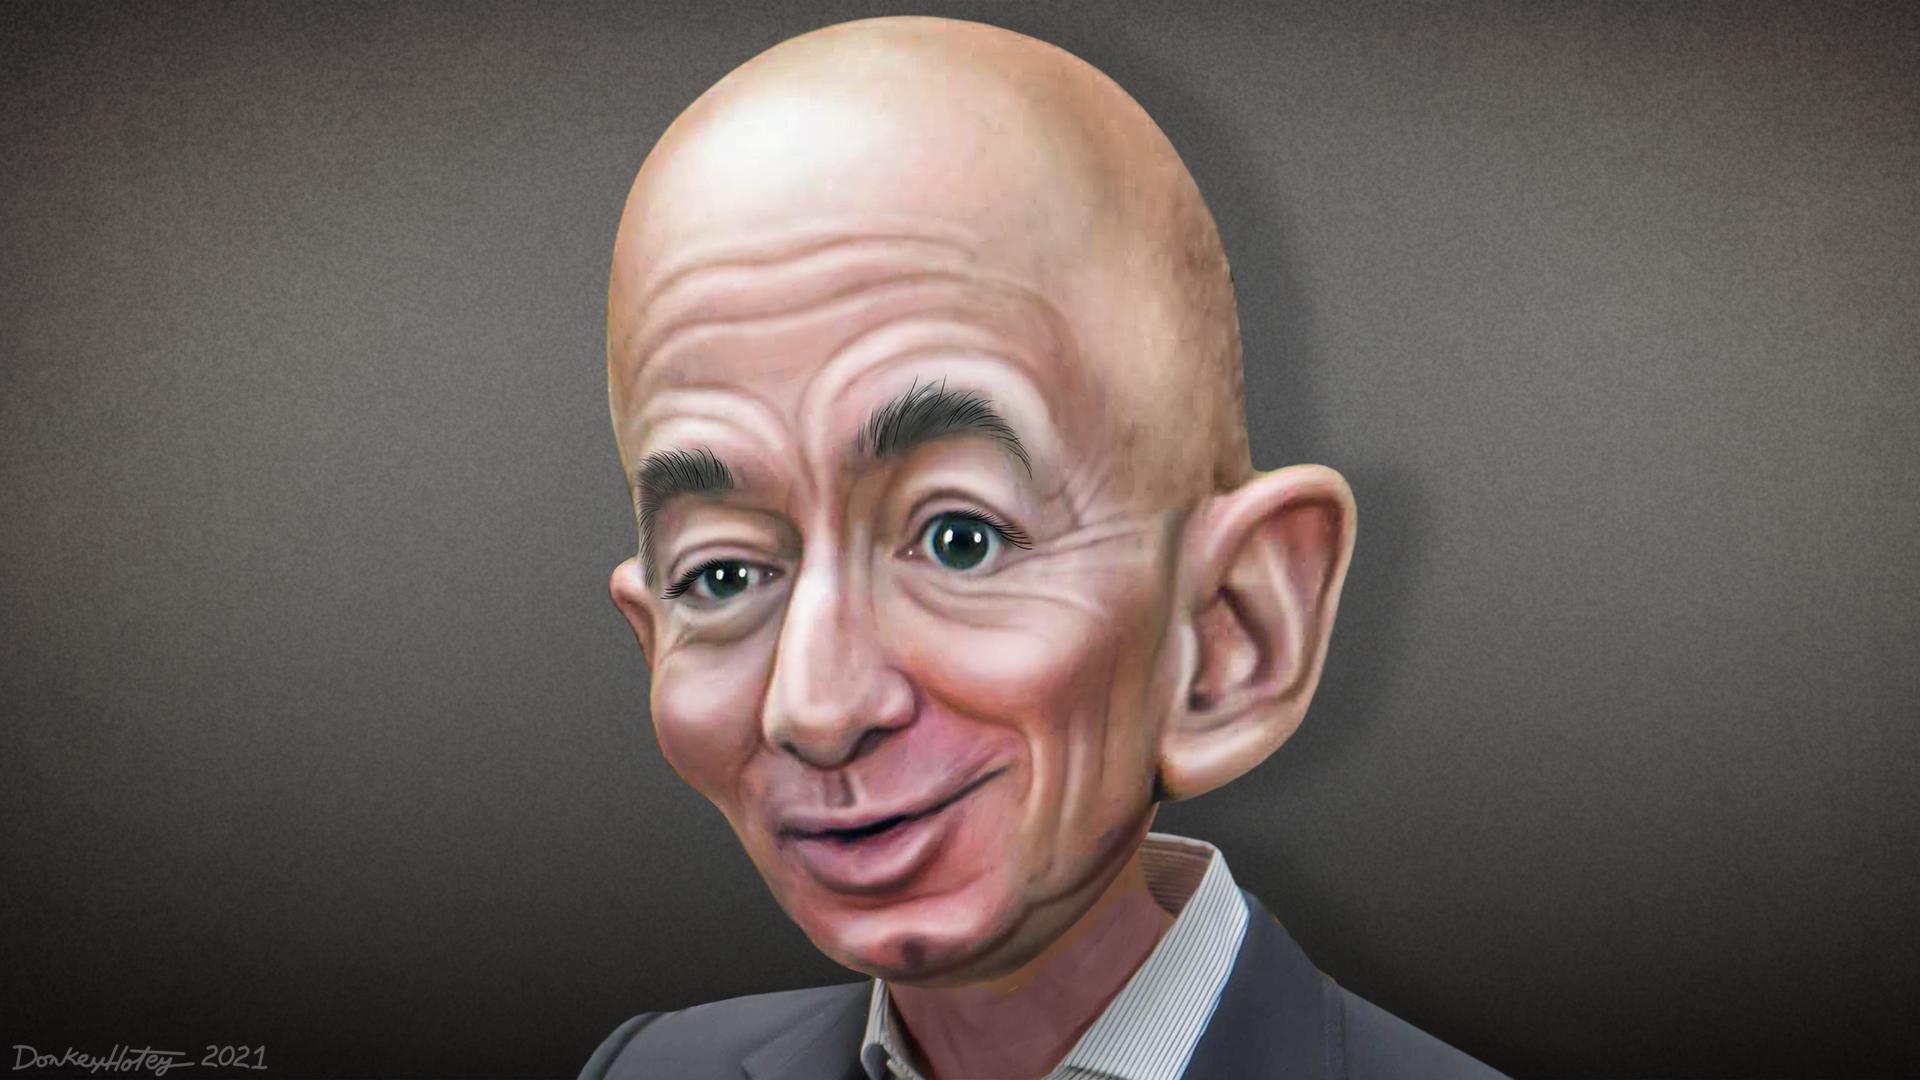 Jeff Bezos caricature